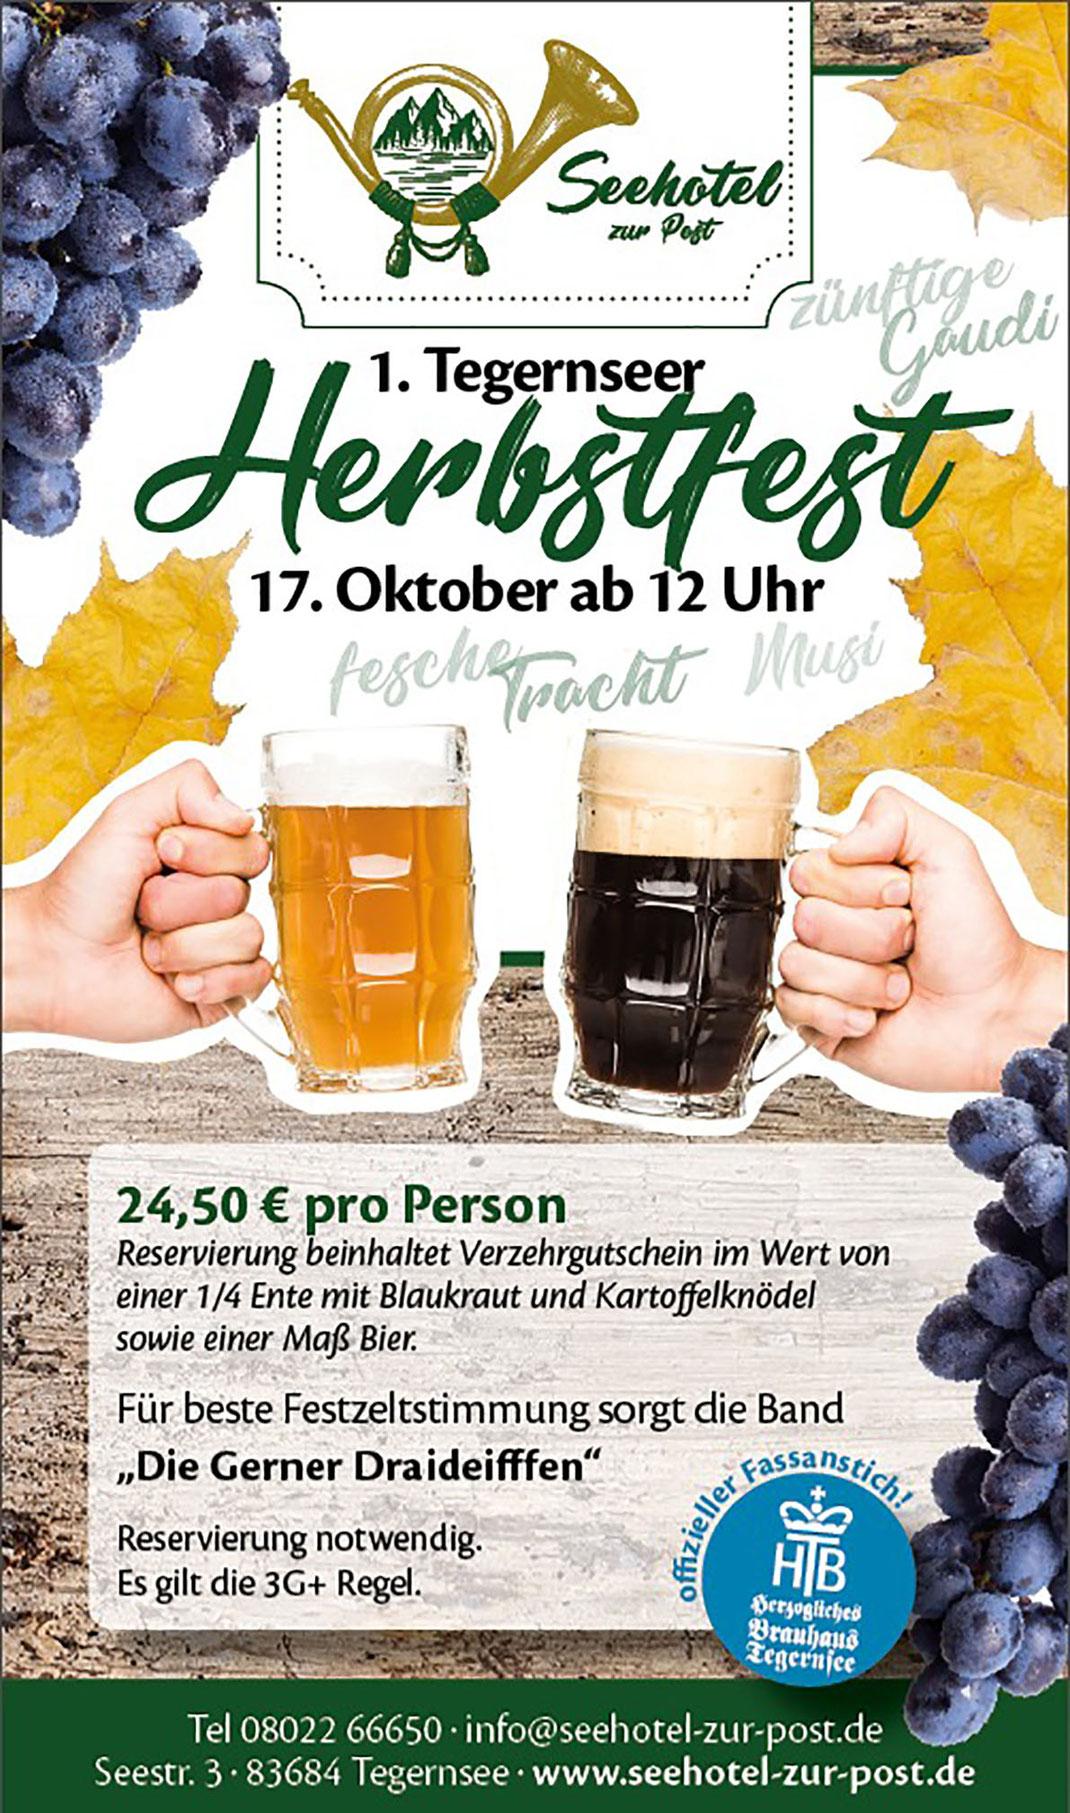 Herbstfest 2021 Seehotel zur Post Tegernsee